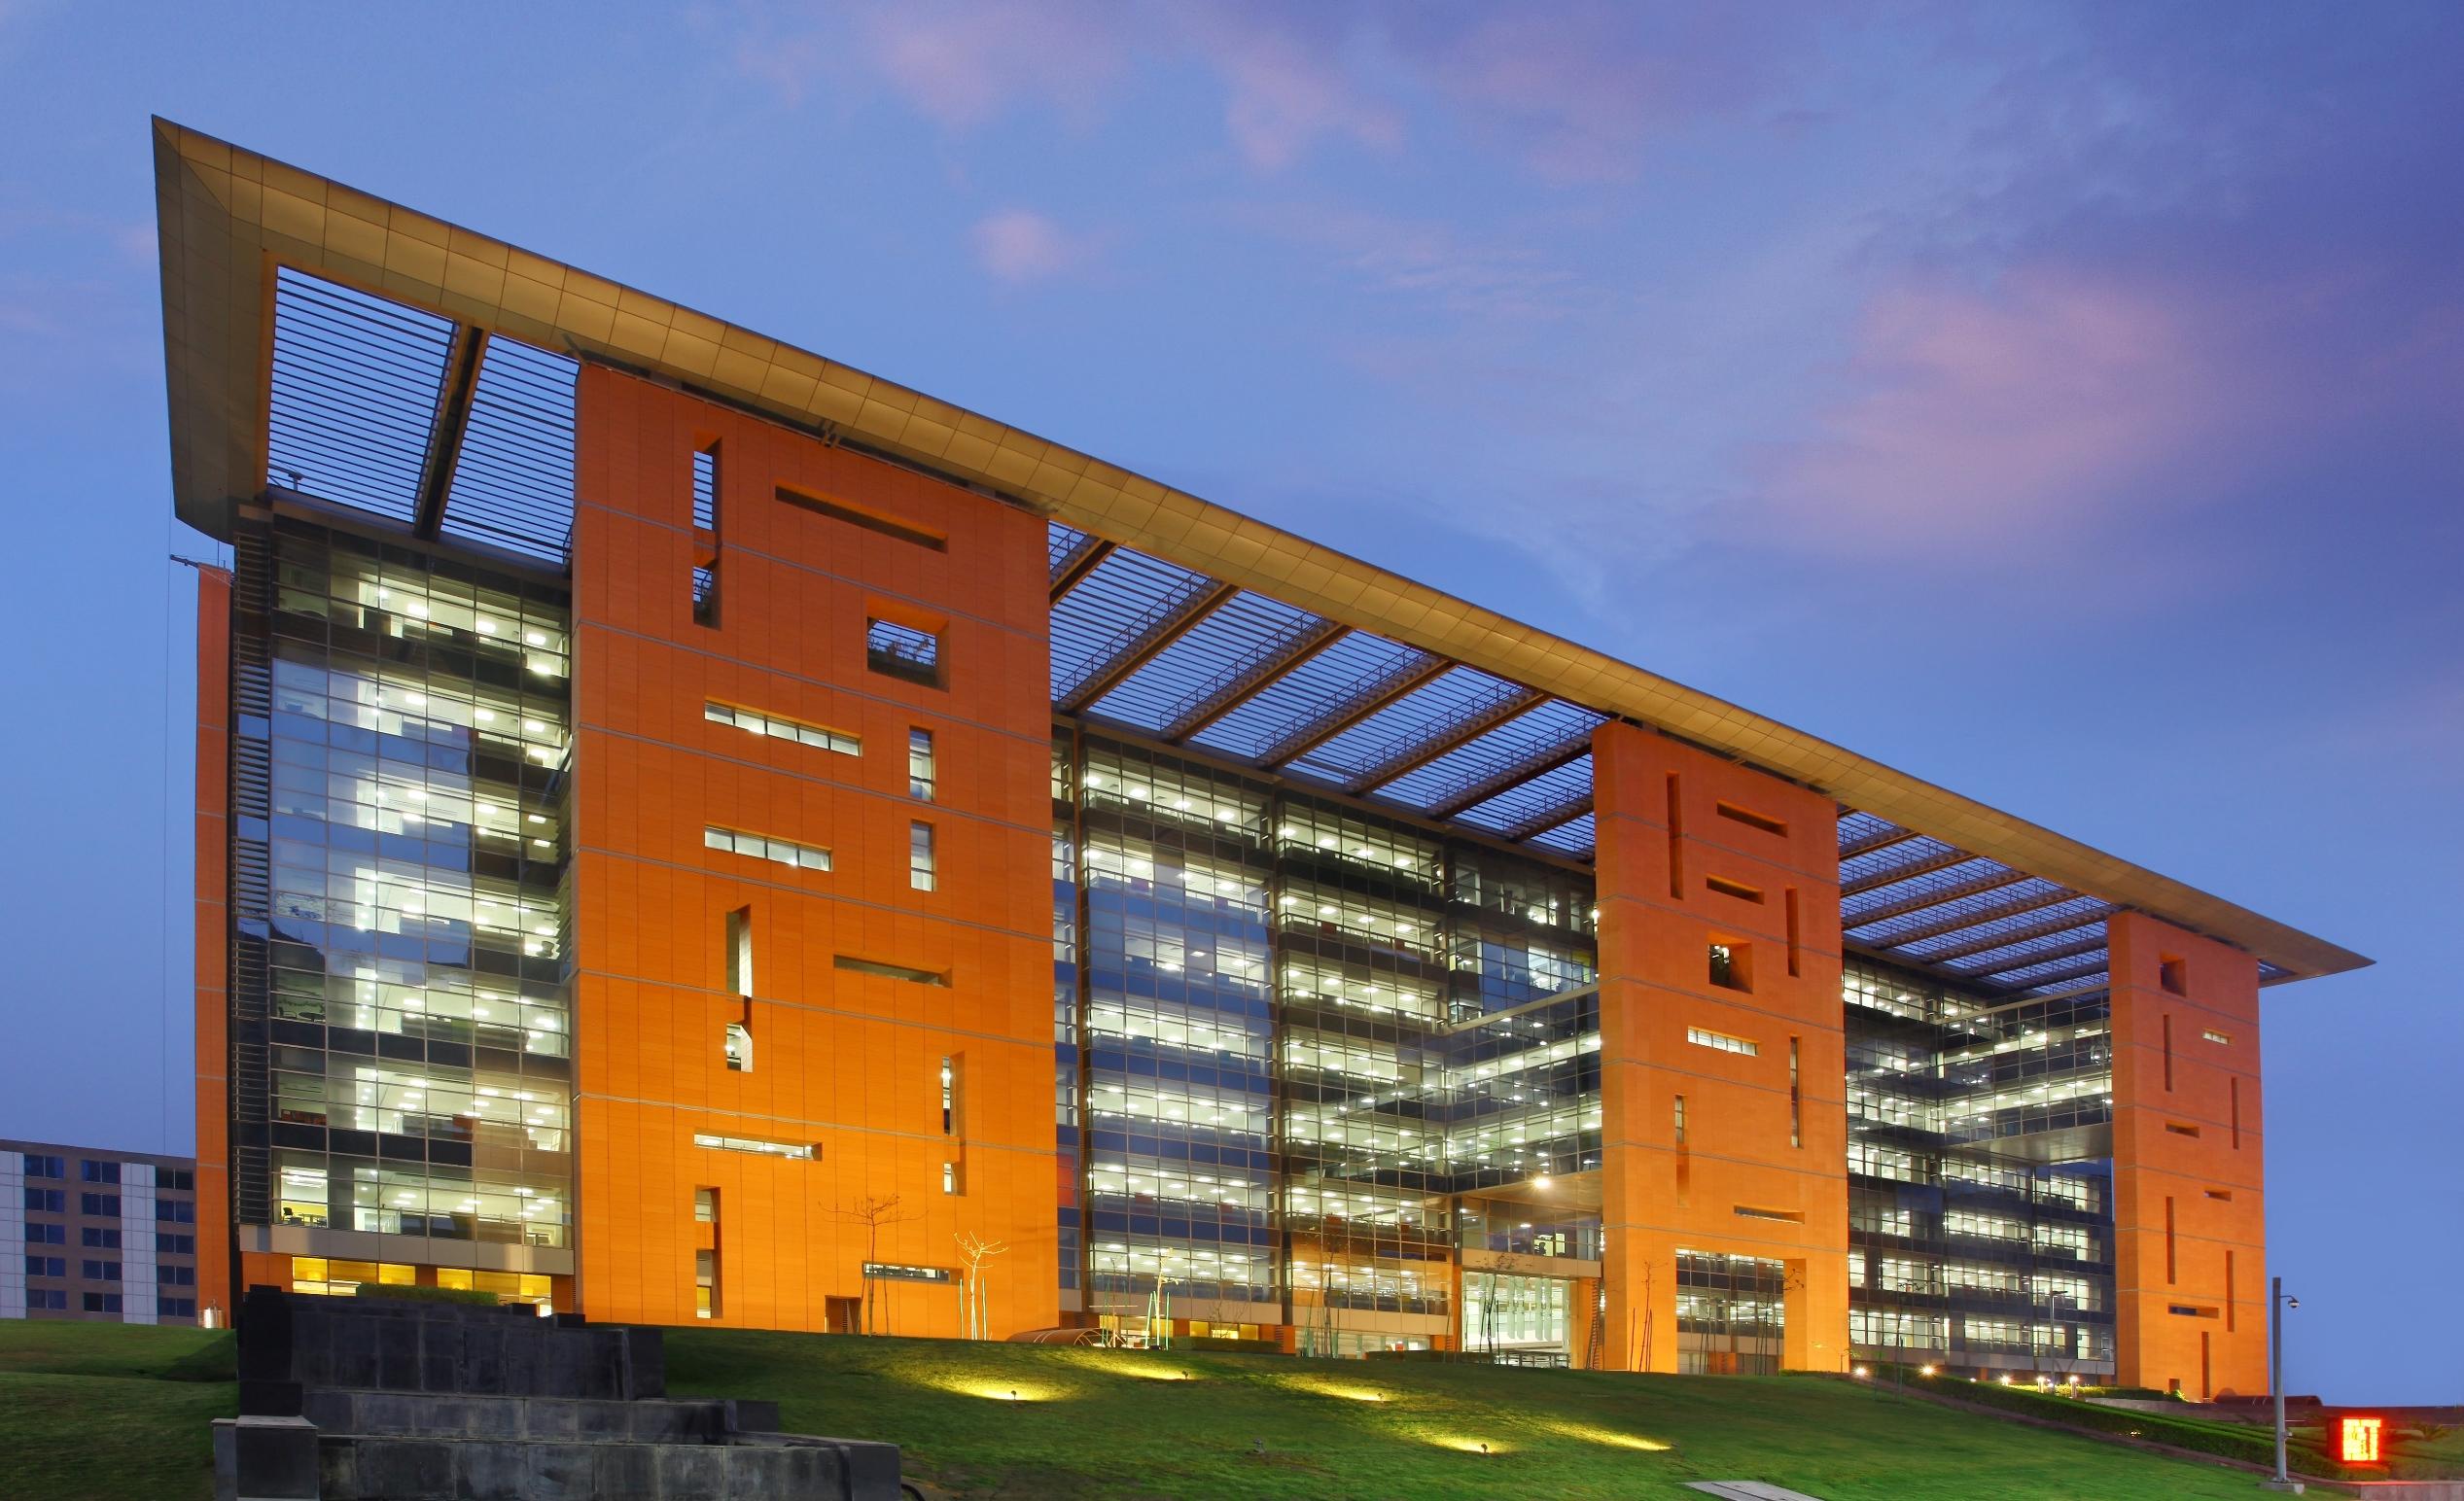 Adobe Campus